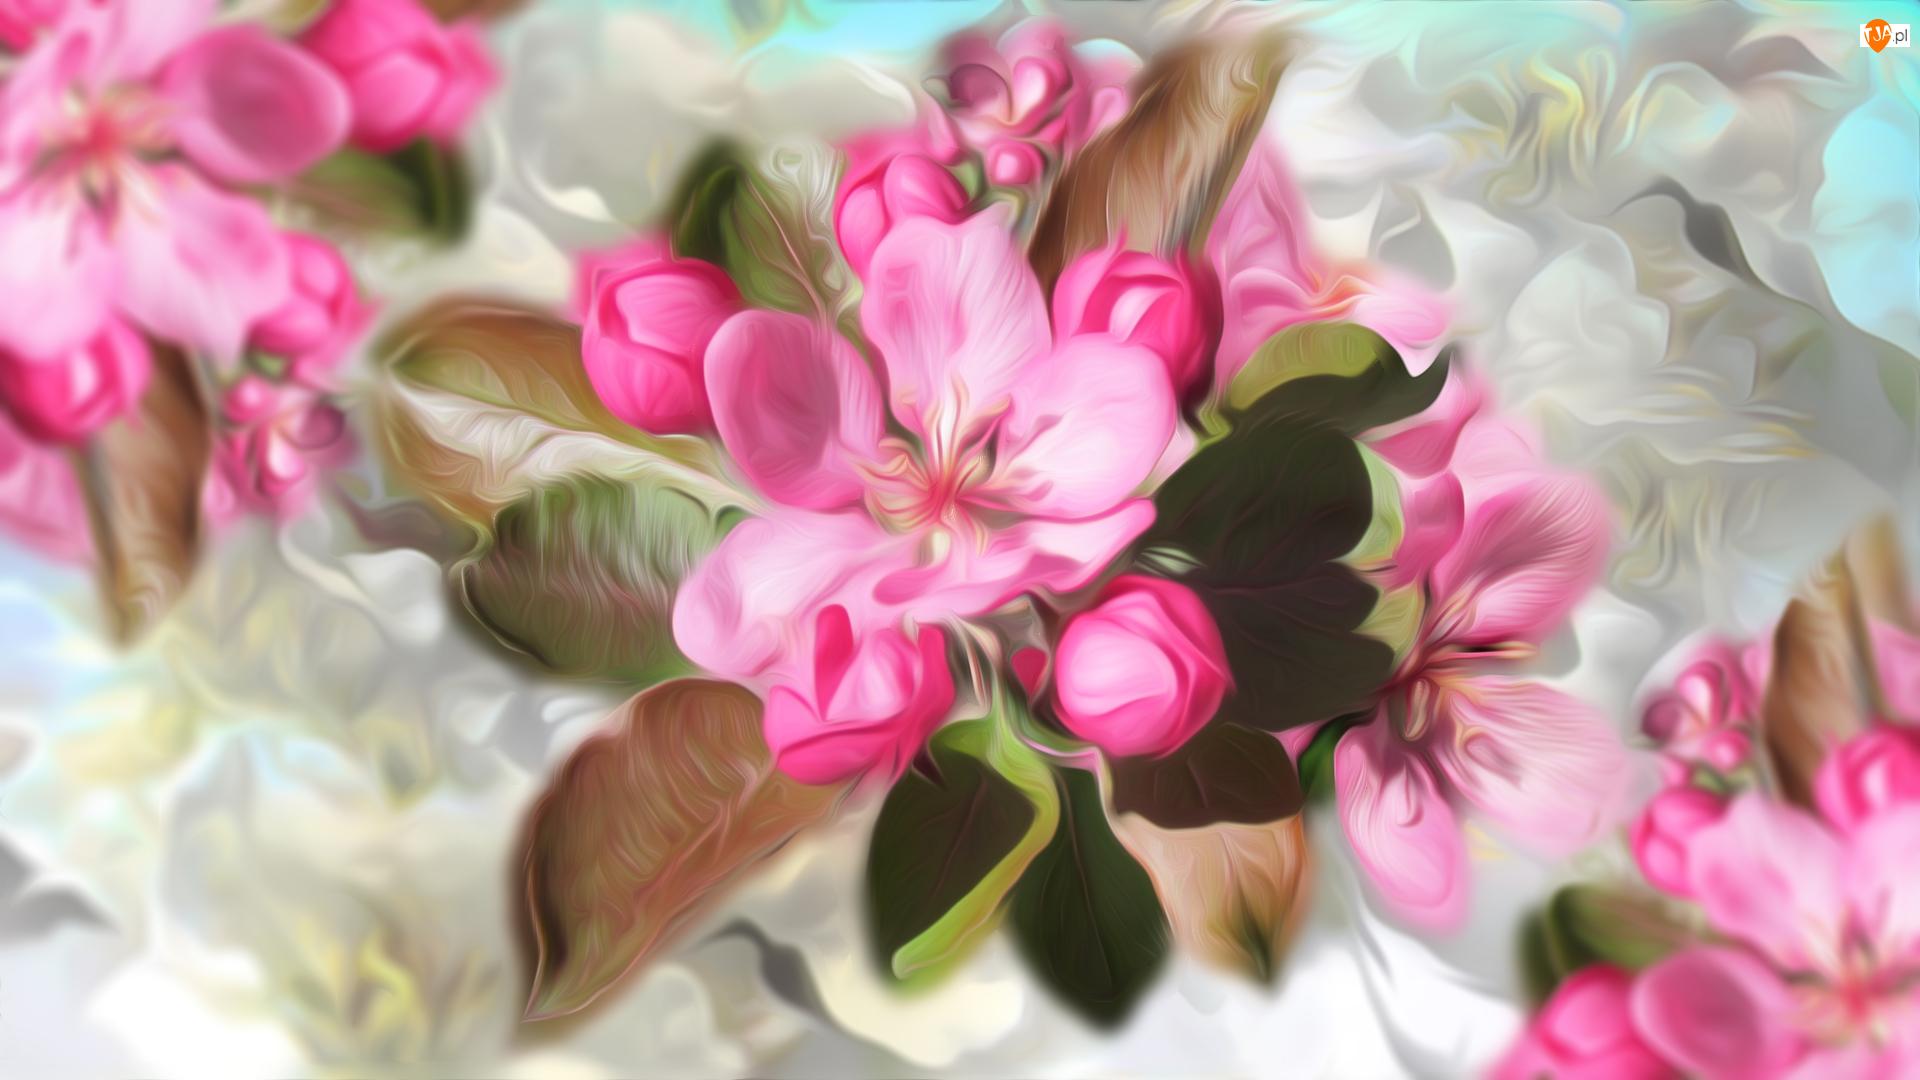 Grafika, Różowe, Kwiaty, Pąki